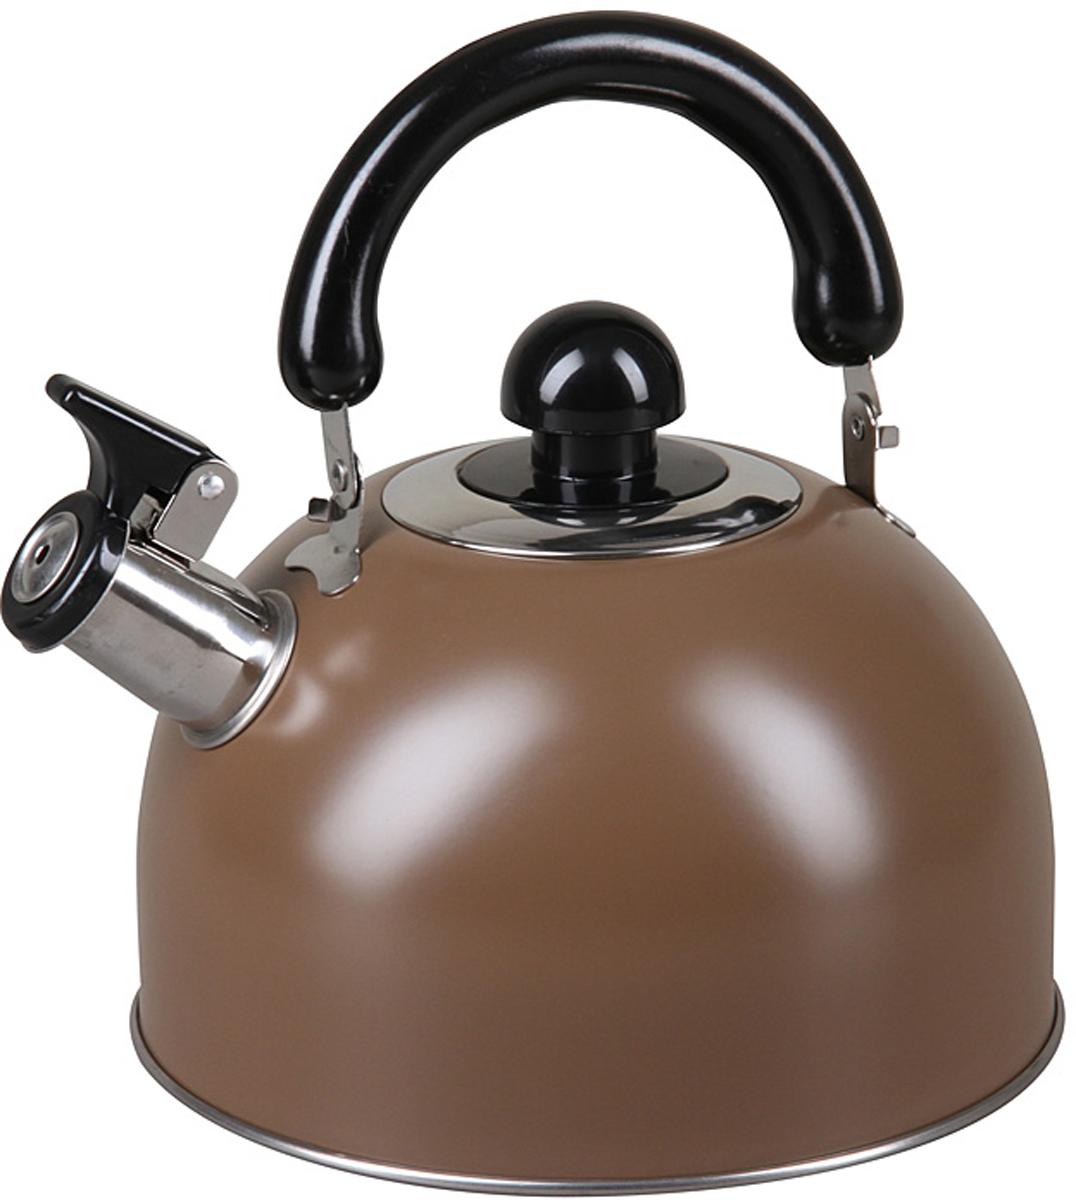 Чайник Pomi d'Oro со свистком Объем: 3,5 л, полезный объем 3,0 лОсобенности Удобная не нагревающаяся бакелитовая ручка Матовая полировка Высококачественная нержавеющая сталь Удобное открытие крышки носика Свистит при закипании воды Пригоден для мытья в посудомоечной машине